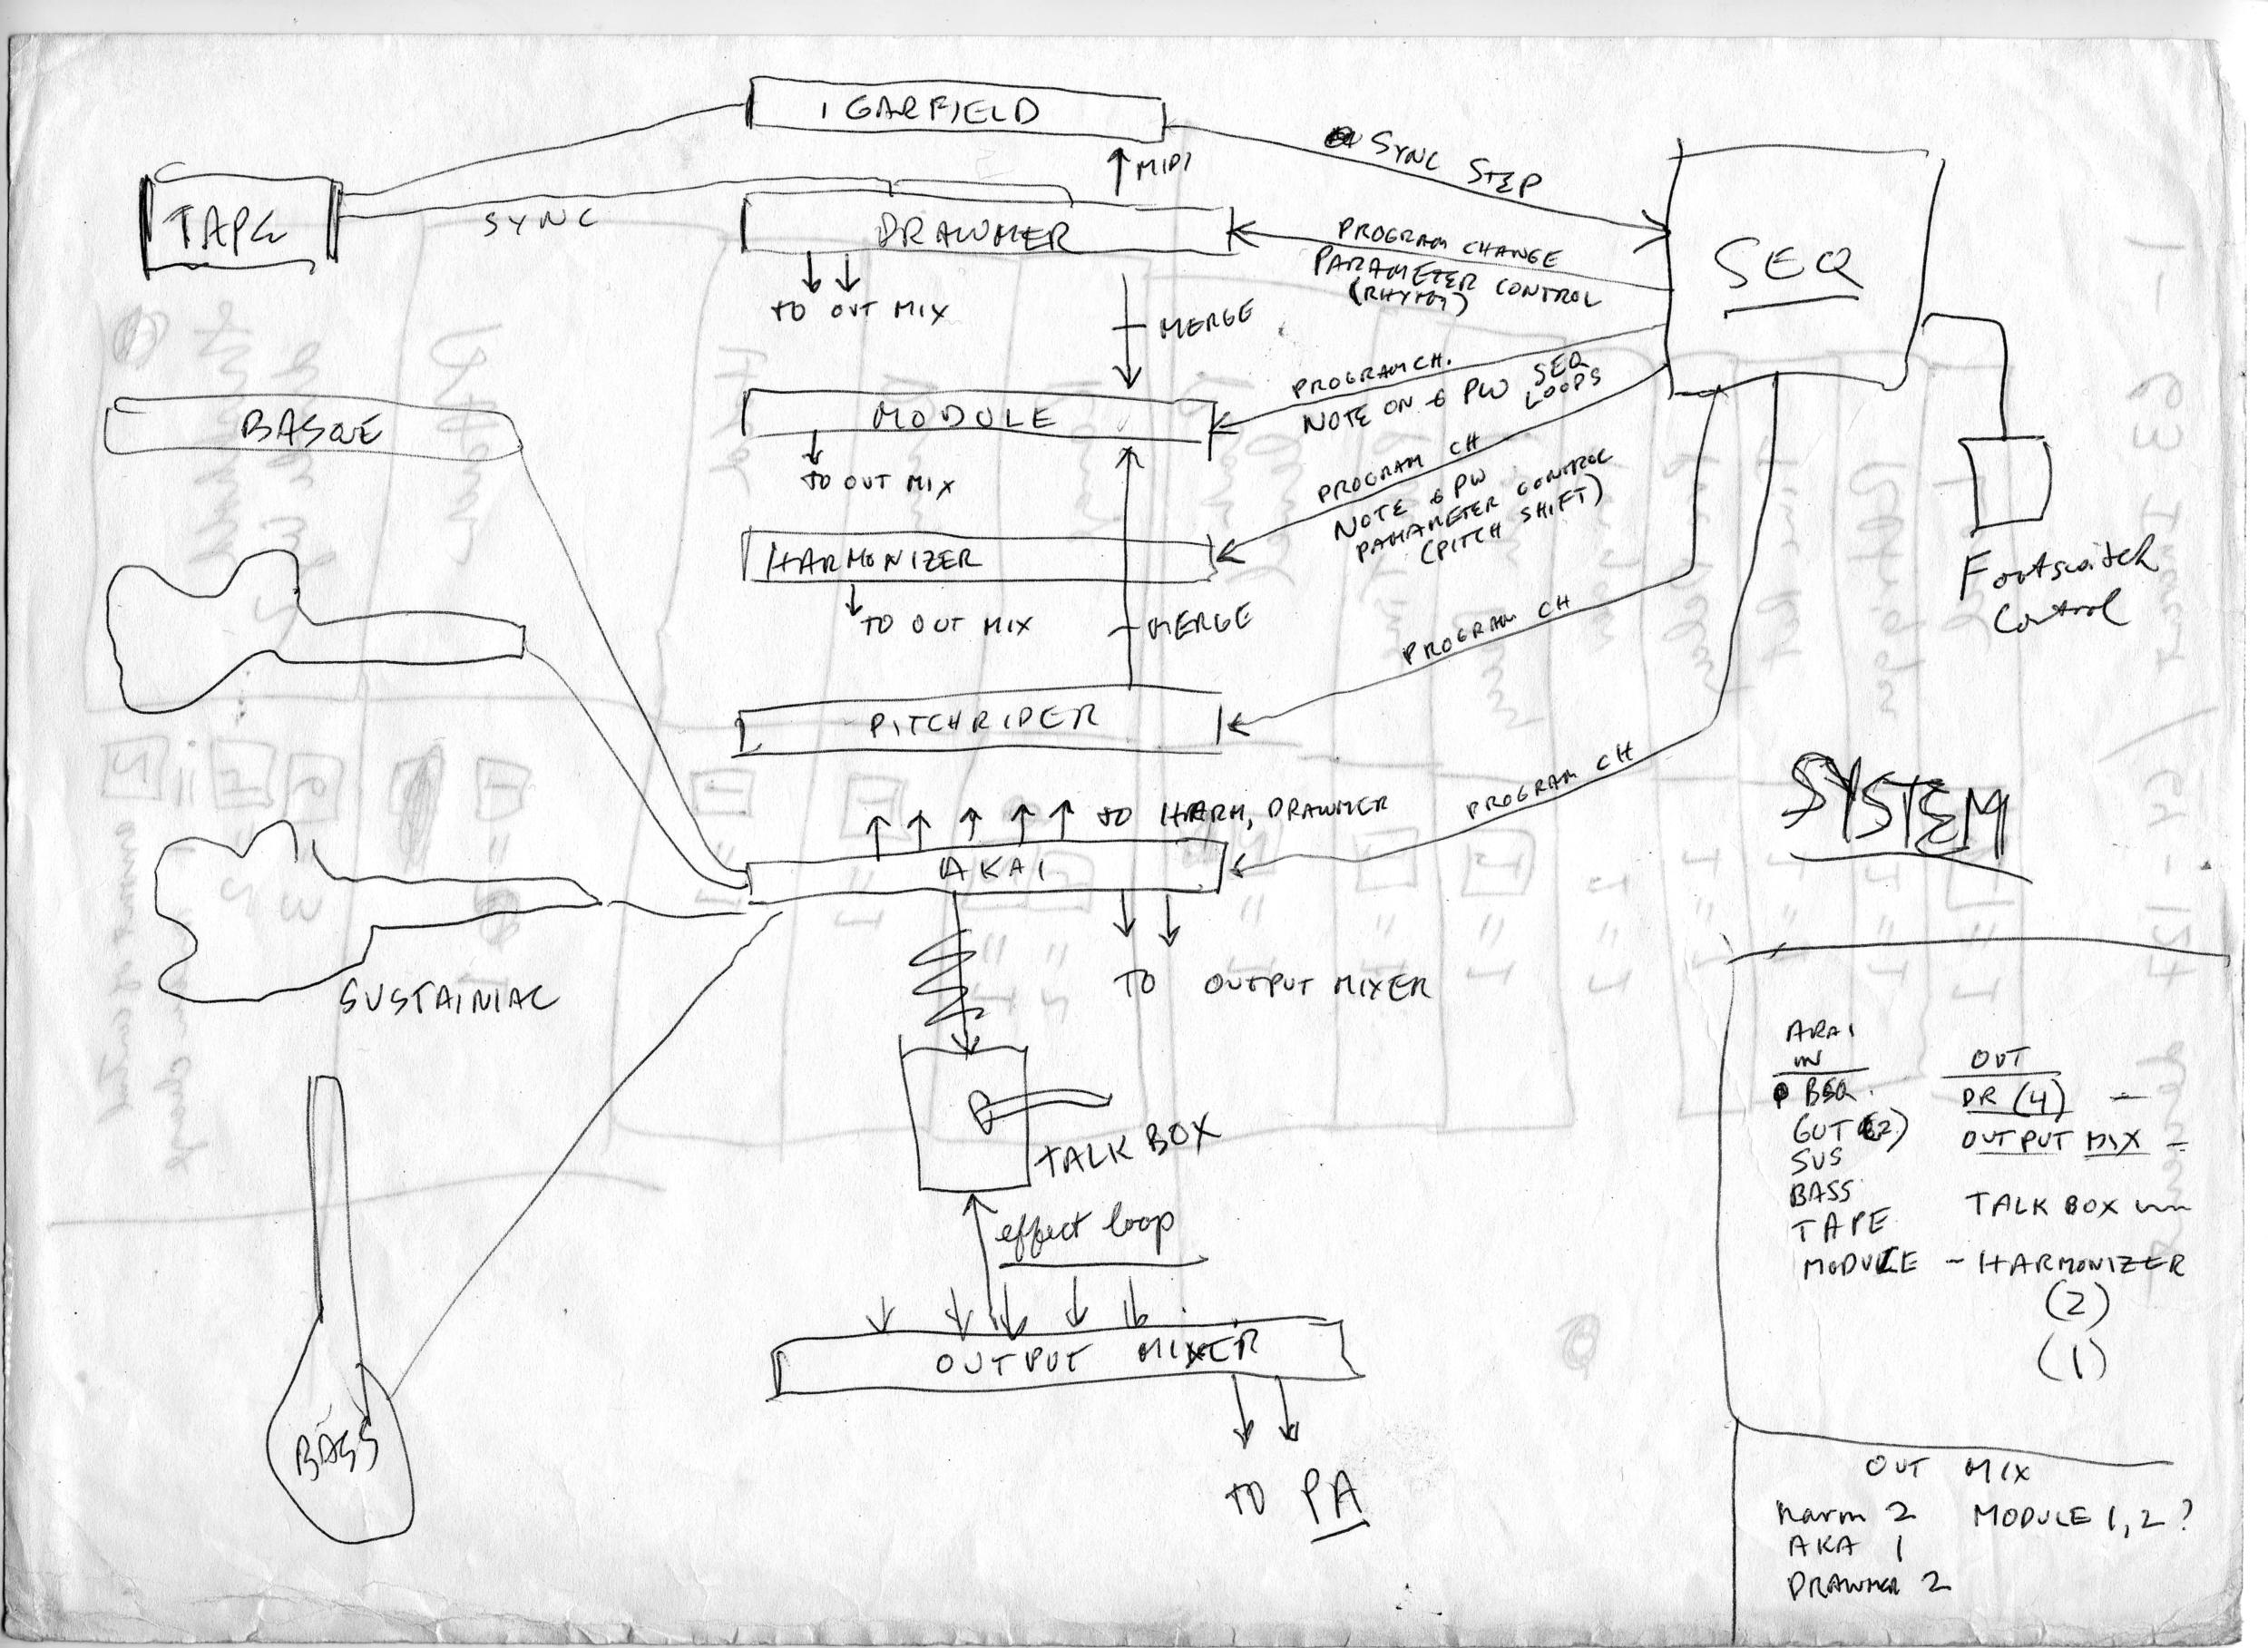 Dynamic Processor Gating System